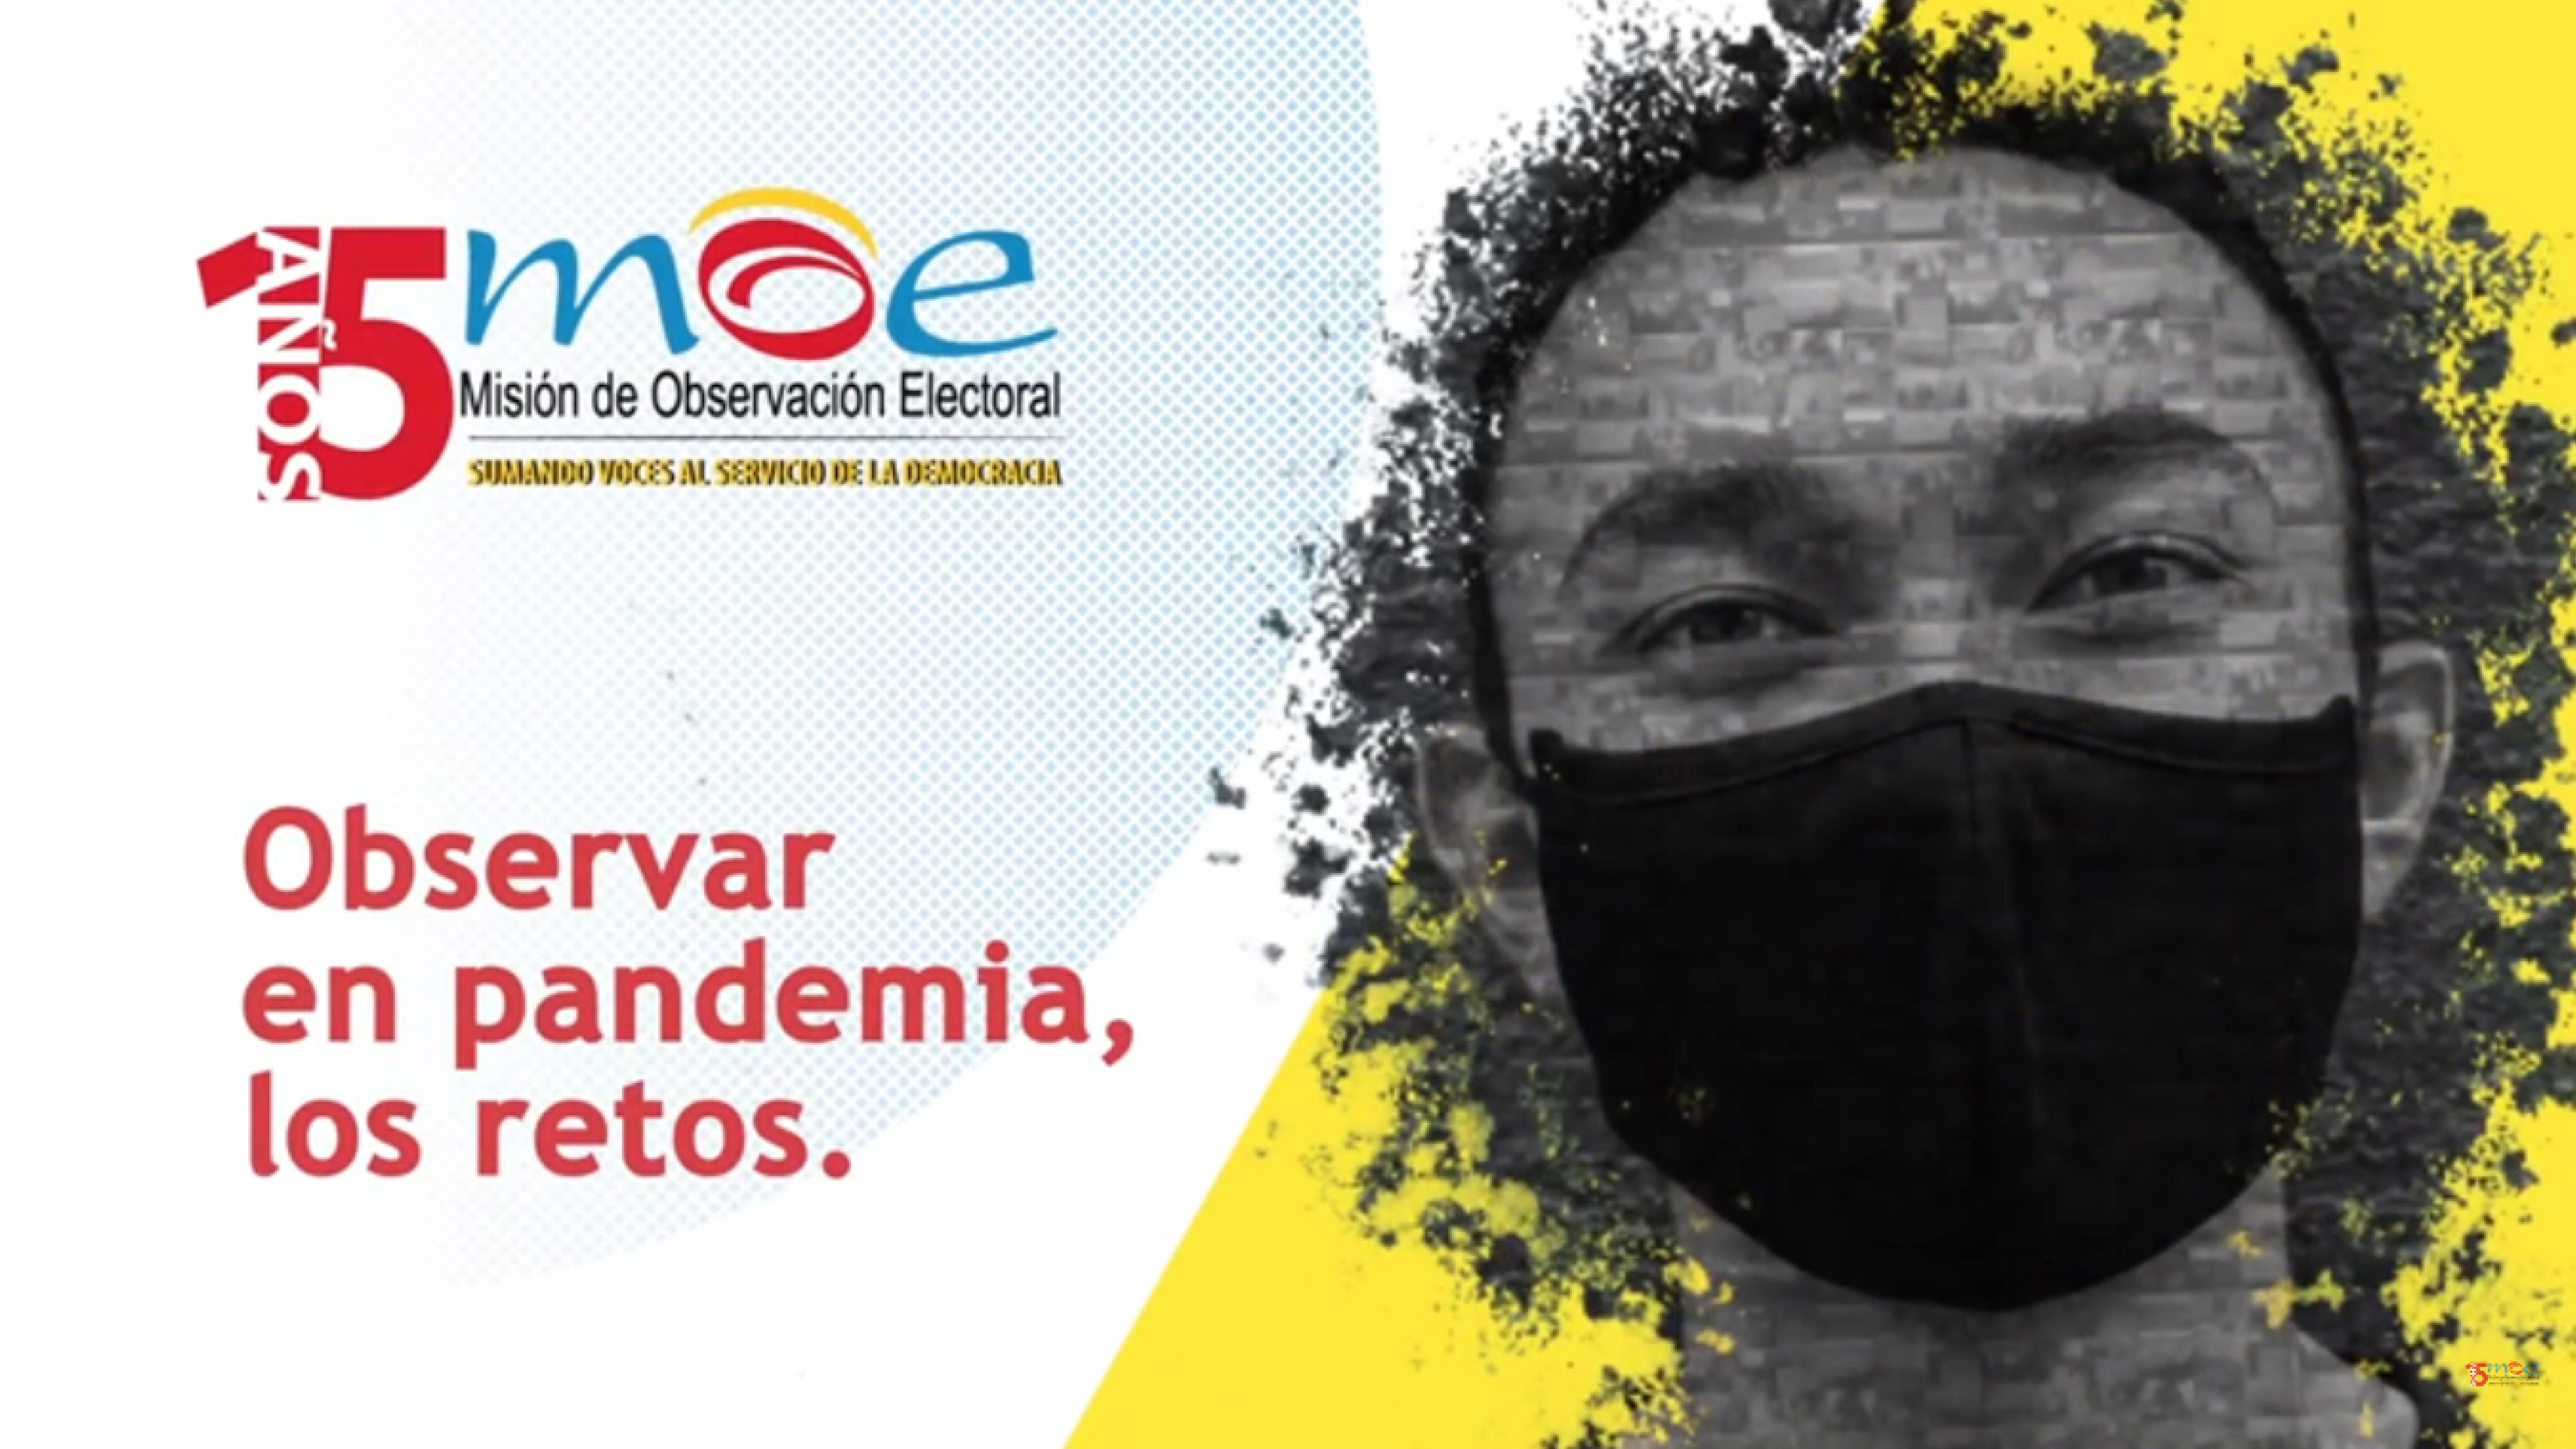 Observación electoral en pandemia